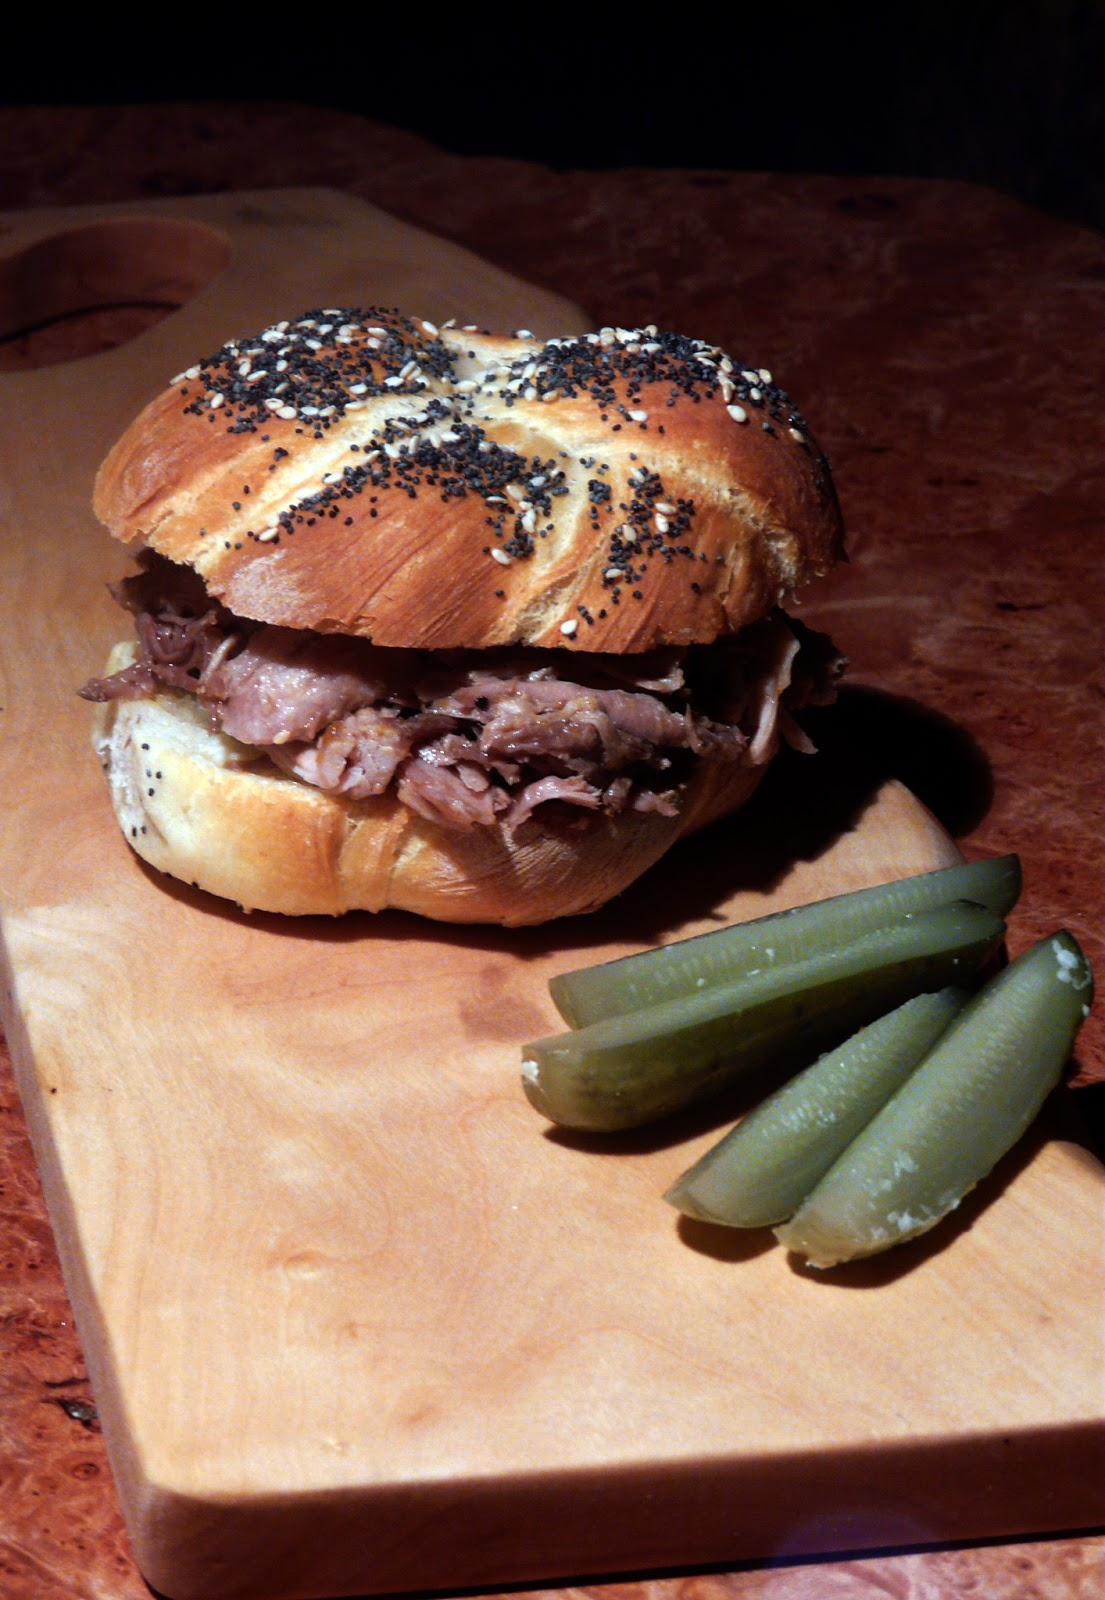 Thibeault S Table Pulled Pork On Homemade Kaiser Rolls